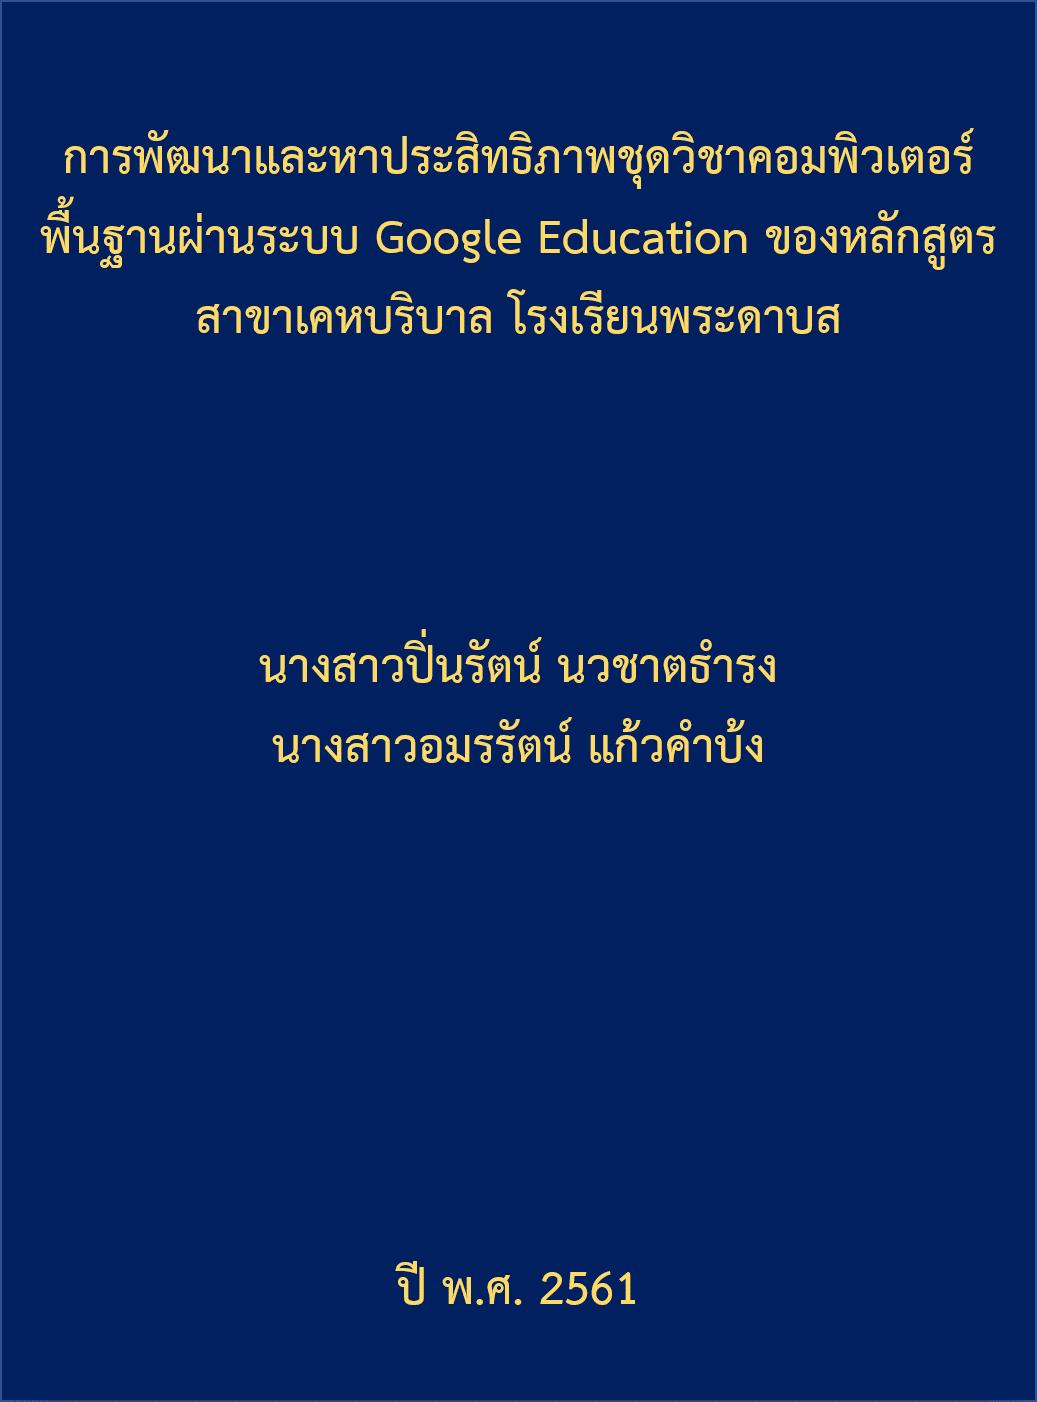 Cover of การพัฒนาและหาประสิทธิภาพชุดวิชาคอมพิวเตอร์พื้นฐานผ่านระบบ Google Education ของหลักสูตรสาขาเคหบริบาล โรงเรียนพระดาบส